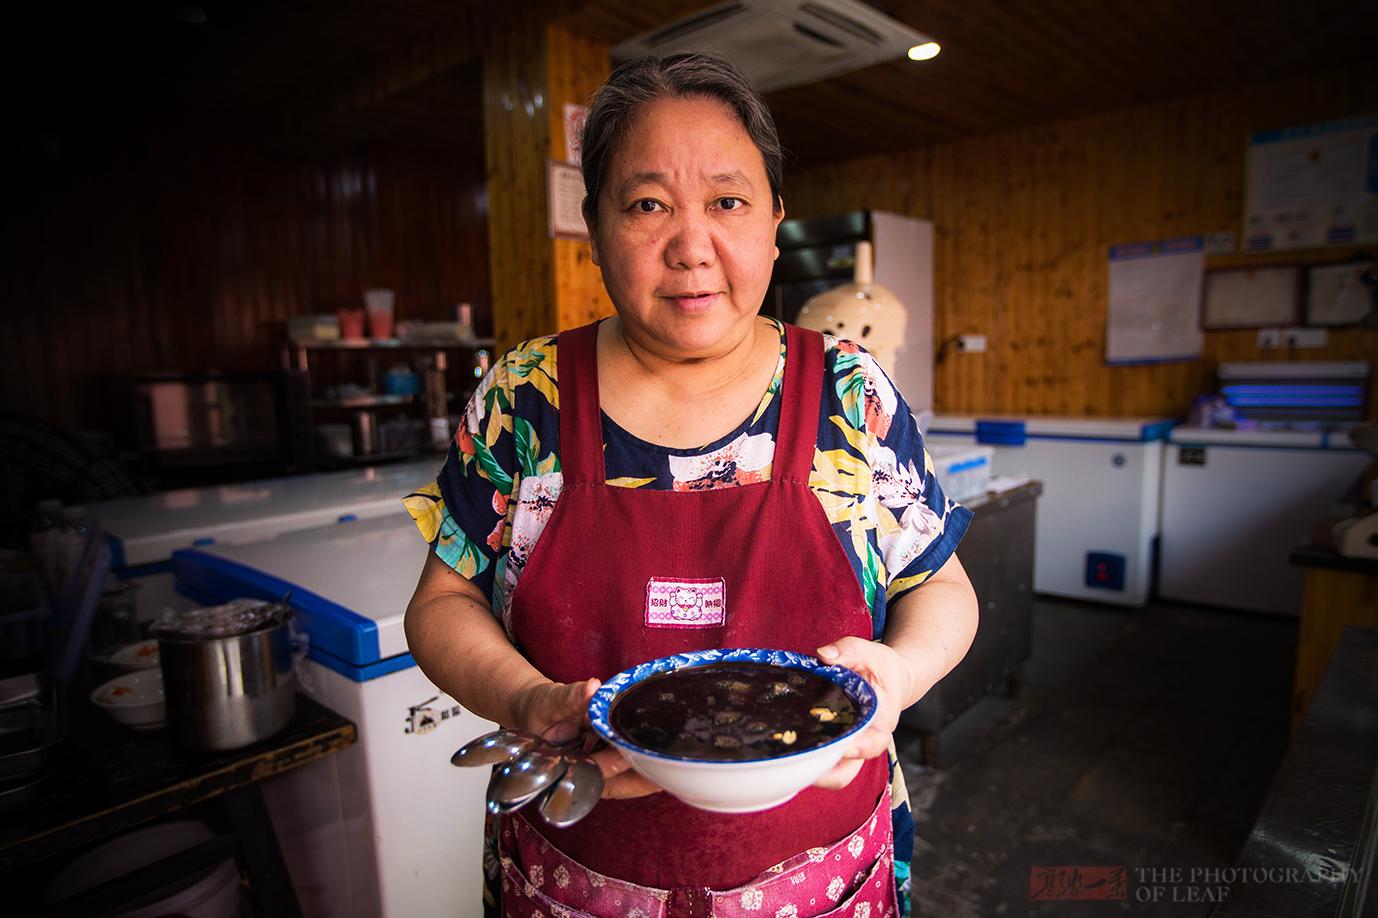 8年前他從臺灣舉家來到浙江,靠手藝開了一家小店,如今成網紅店_象山